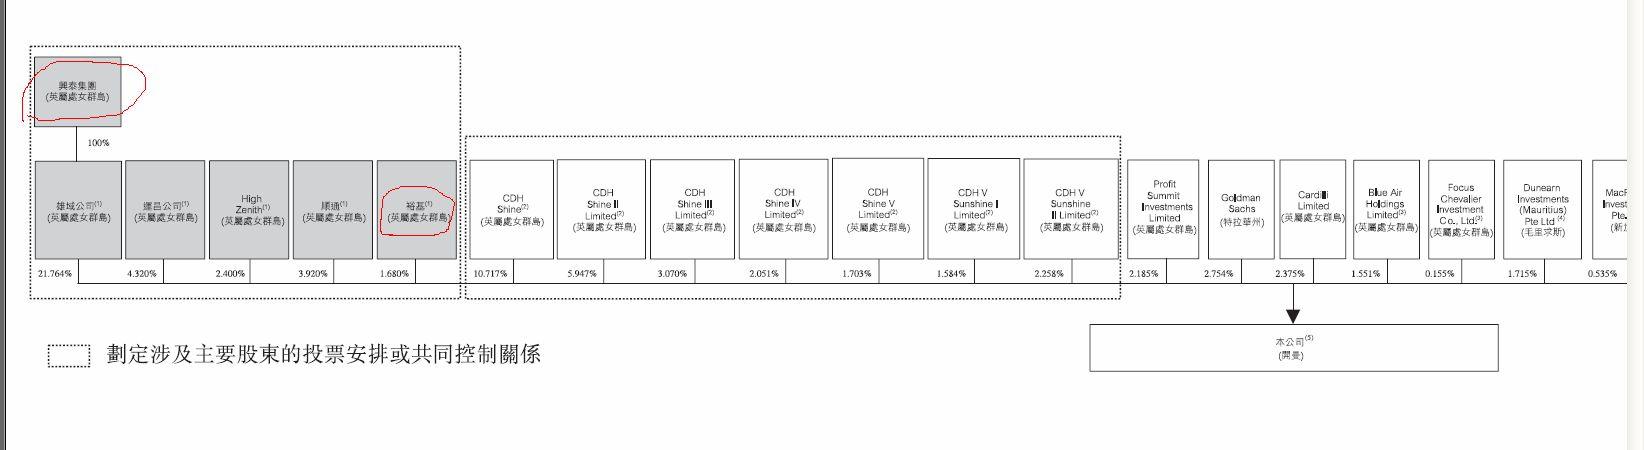 据万洲国际招股章程